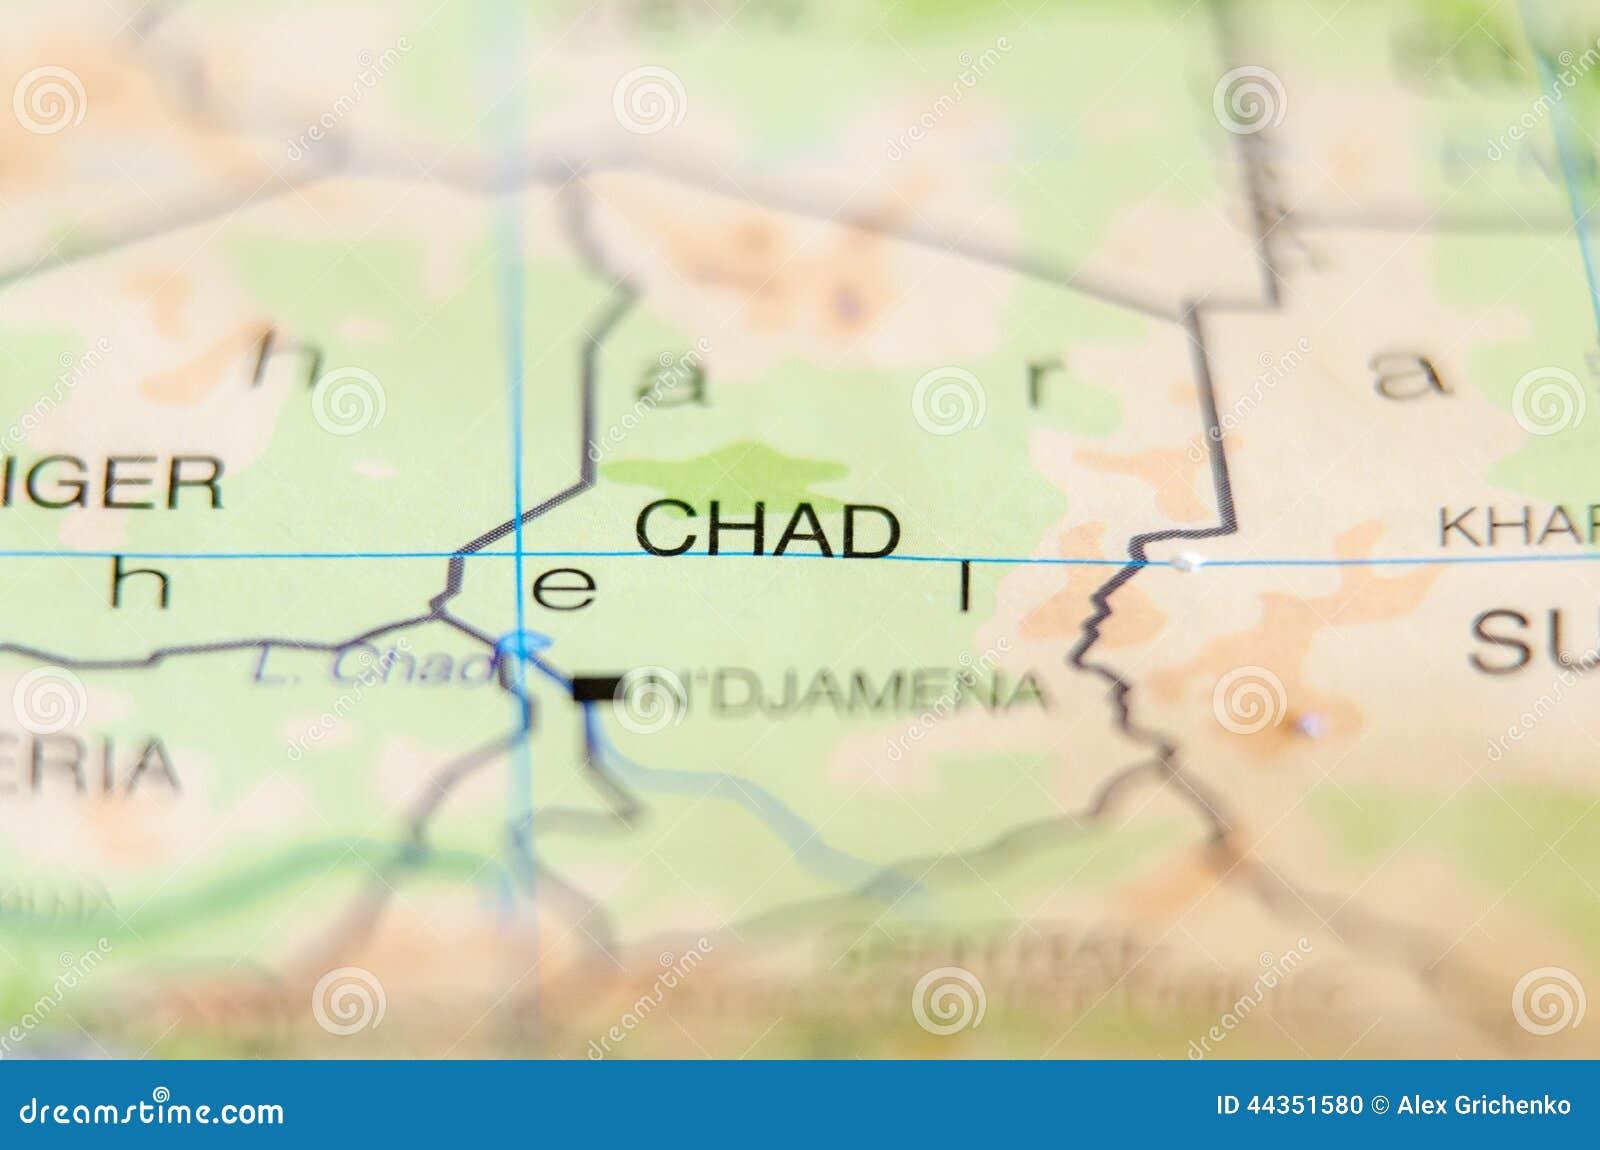 Paese della Repubblica del Chad sulla mappa